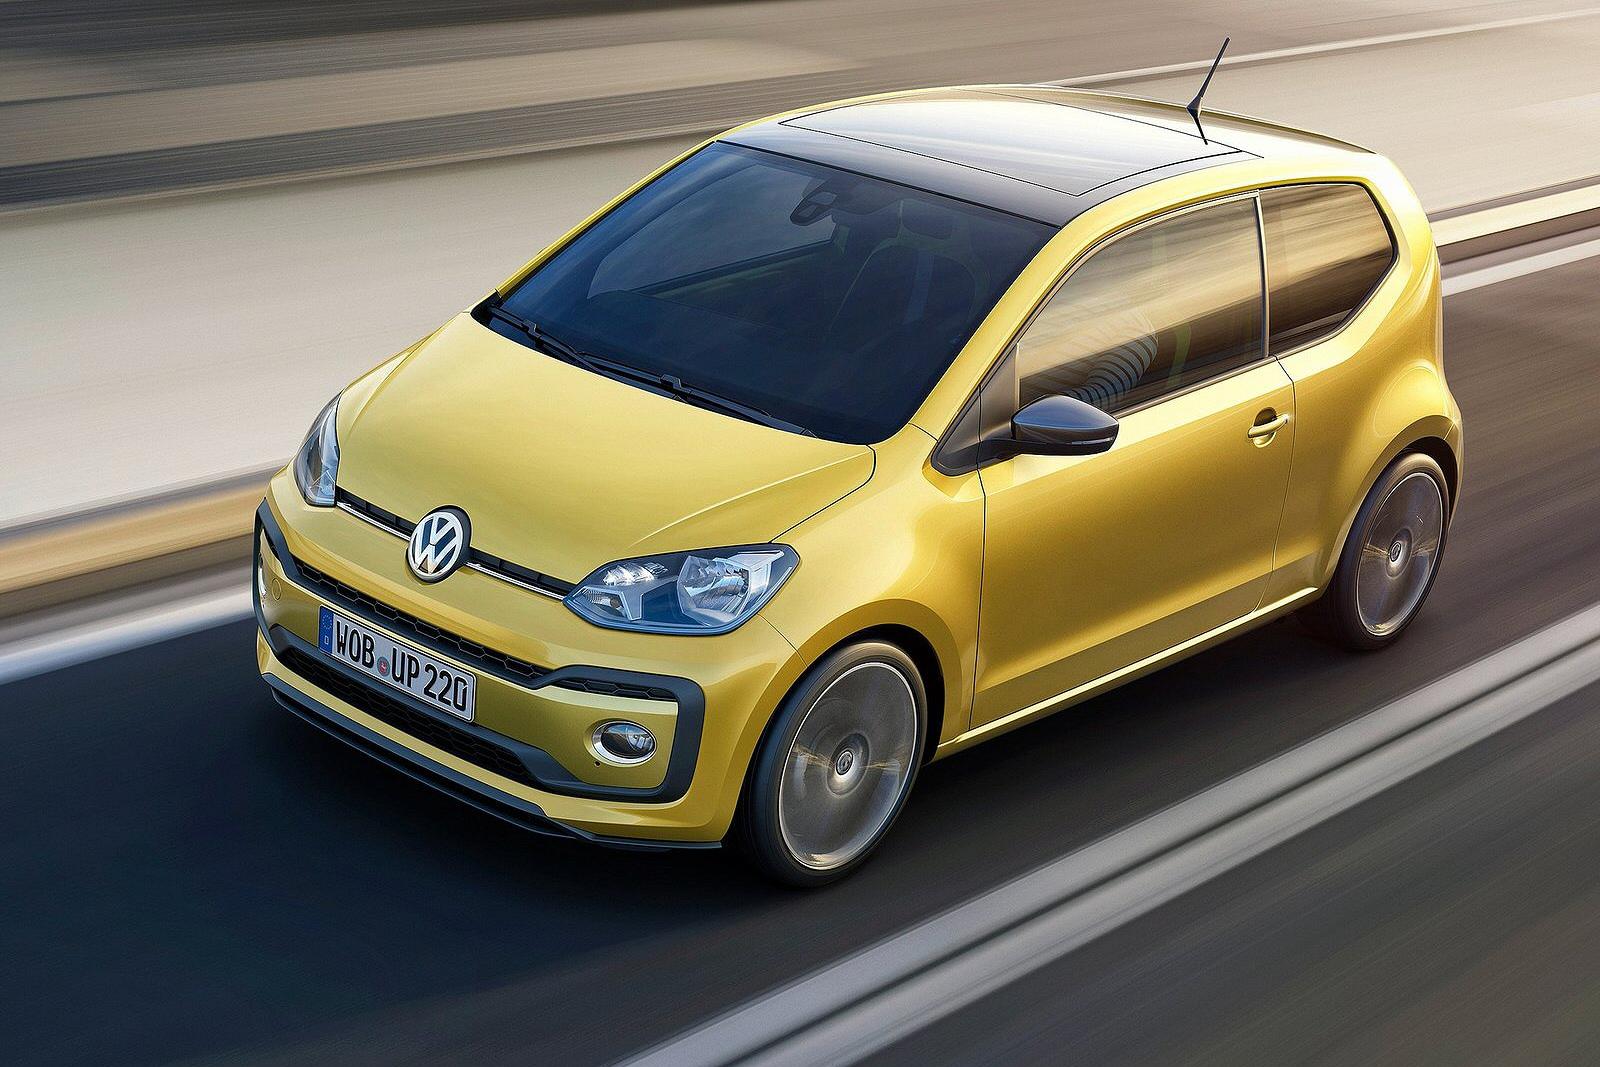 VolkswagenUp0216(5)